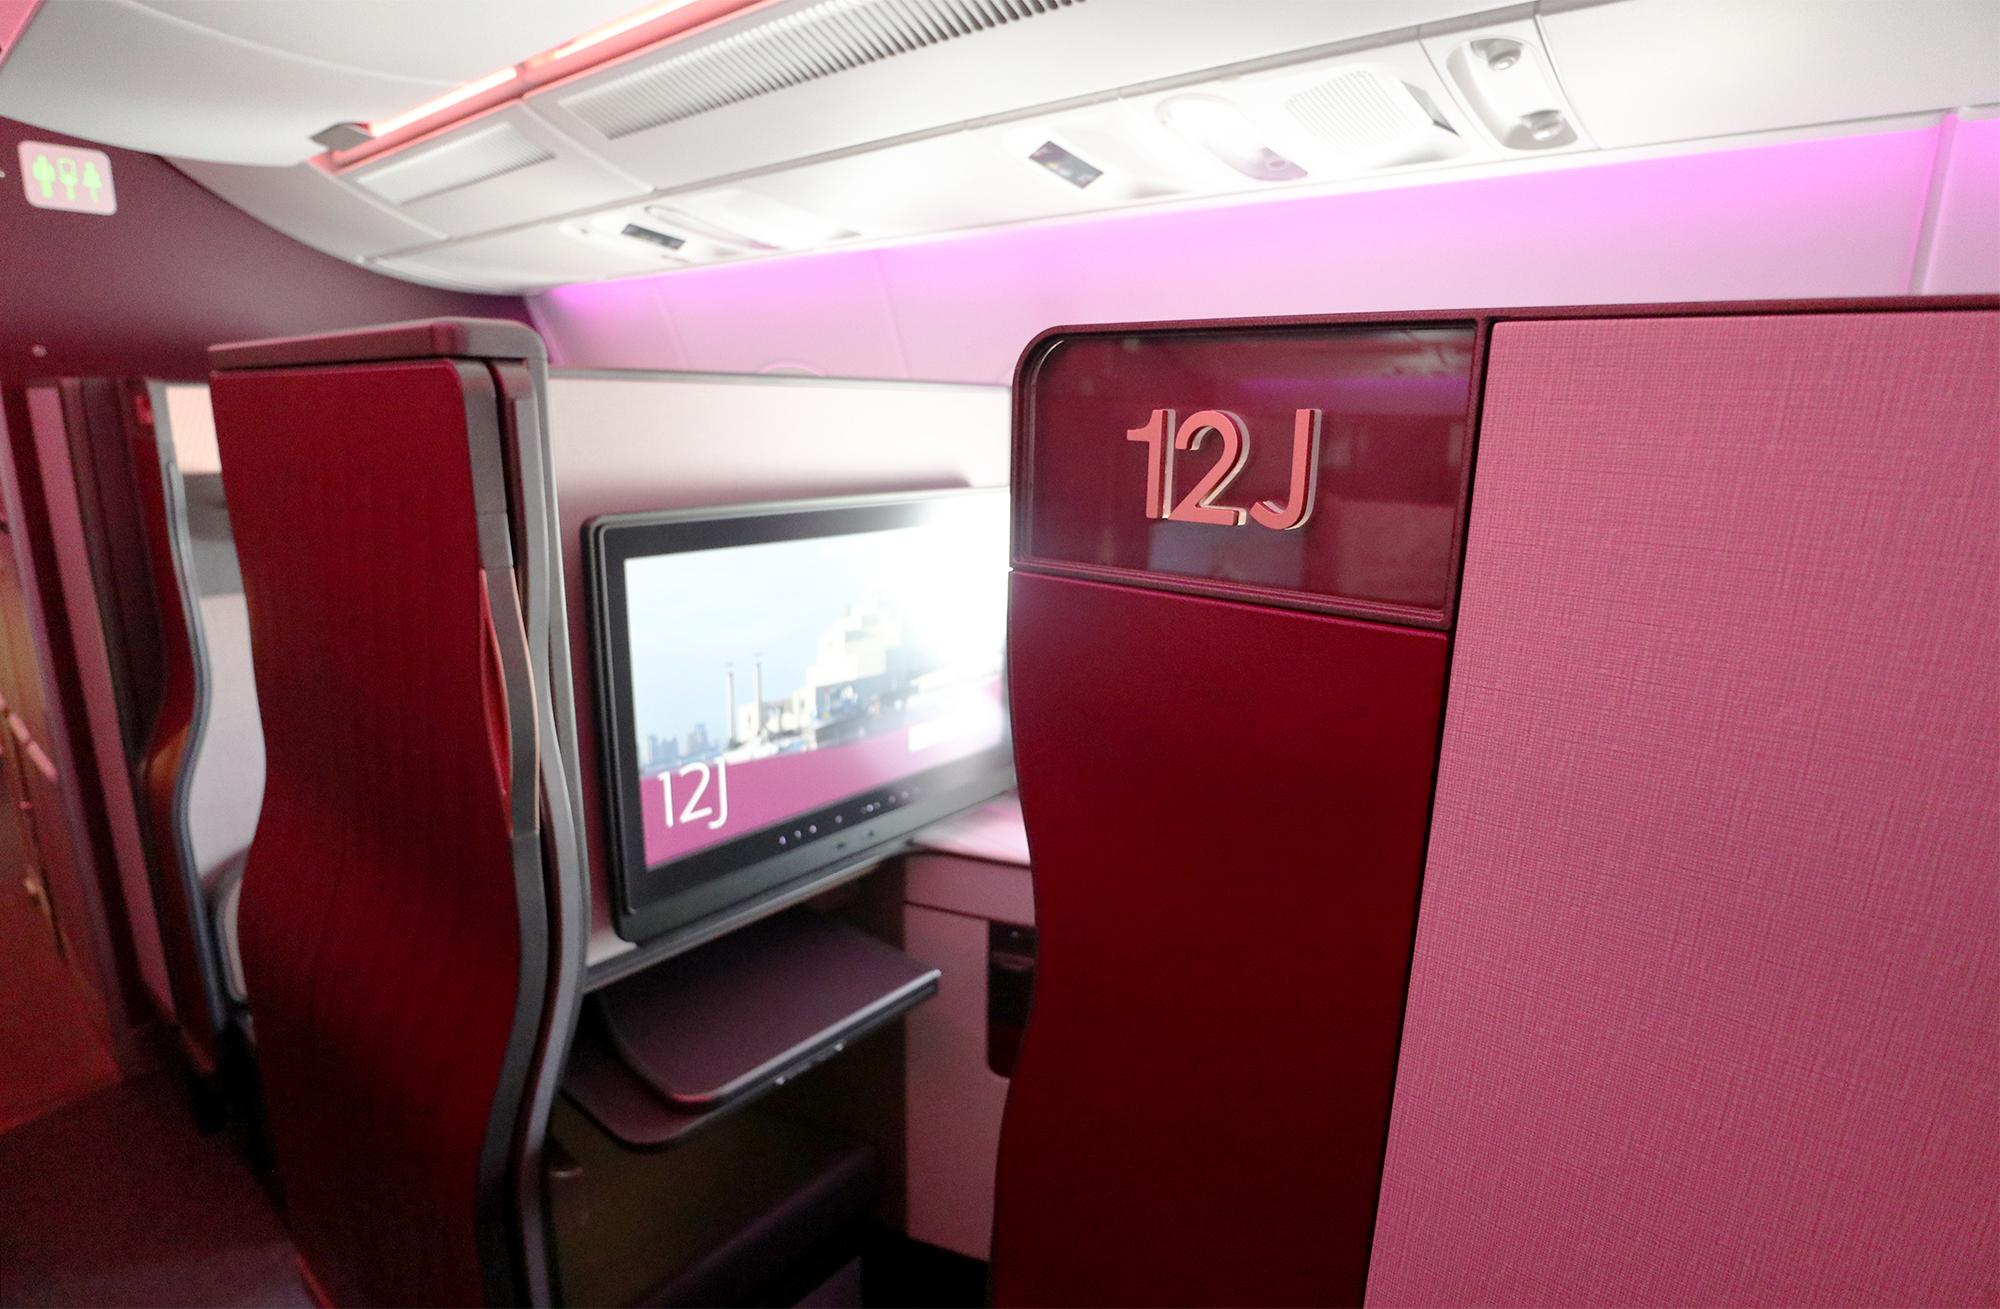 Seat 12J Entrance